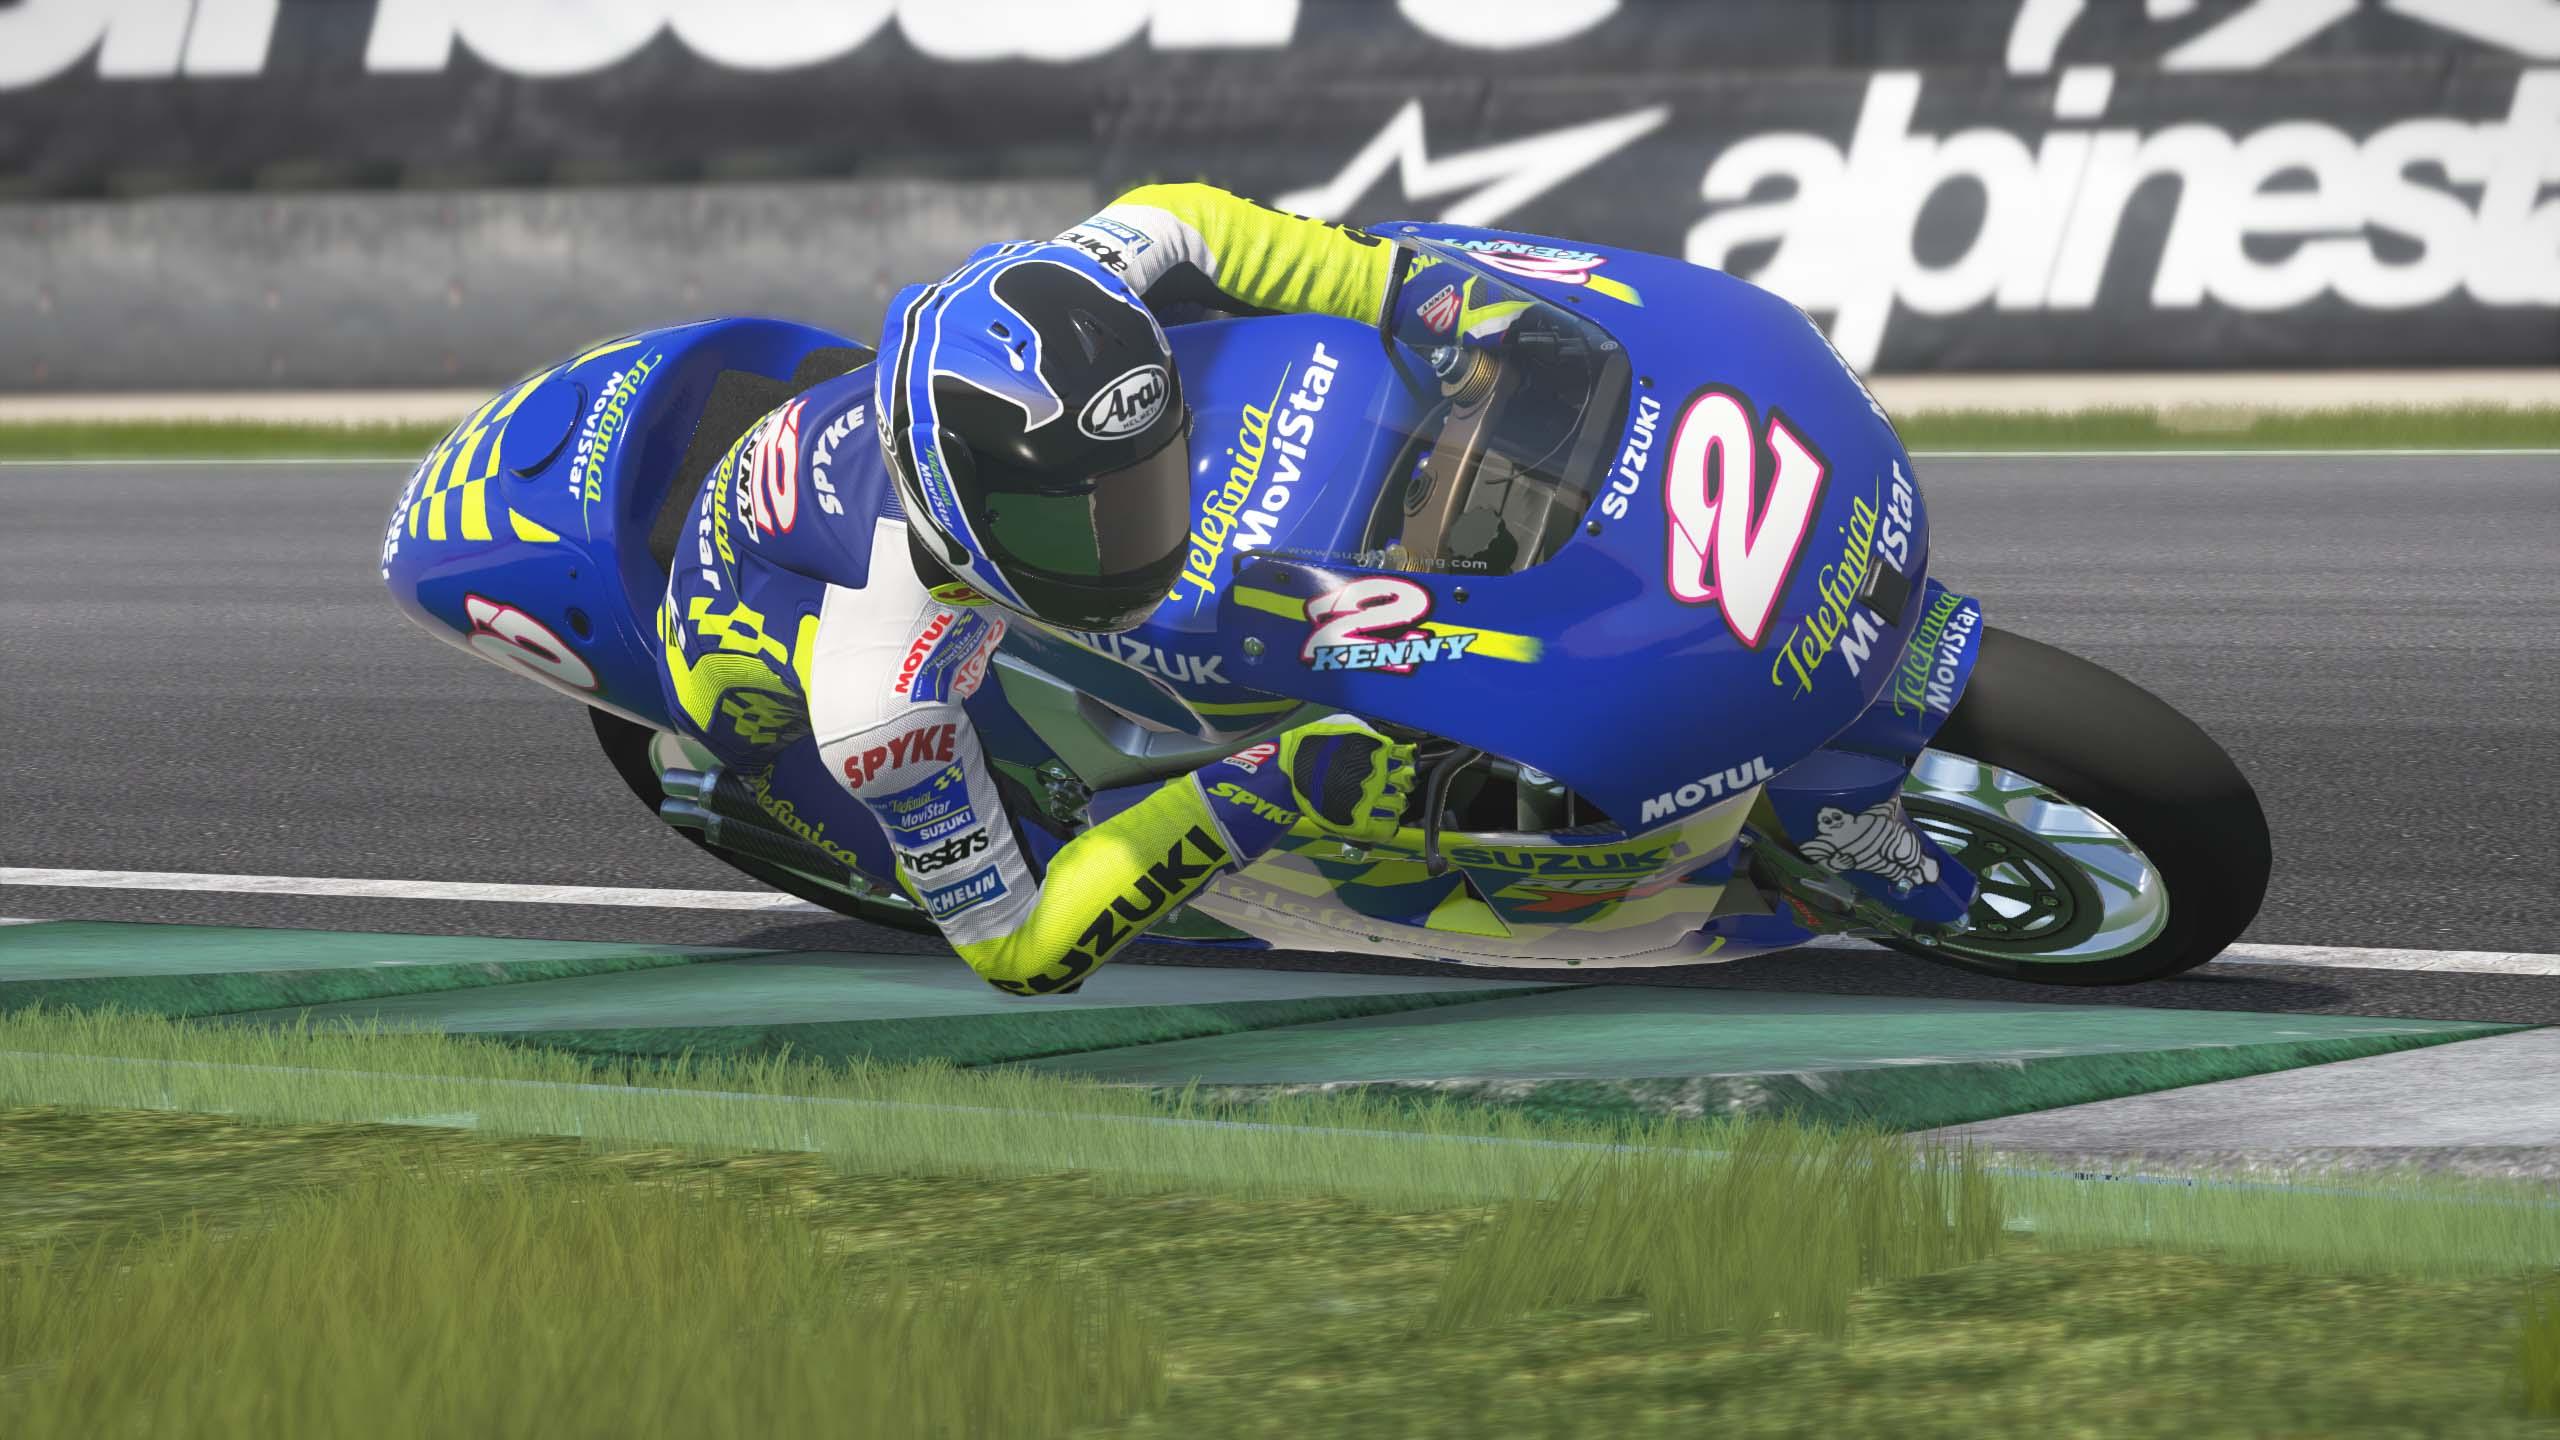 MotoGPVR46X64 2016-08-03 12-24-40-18.jpg